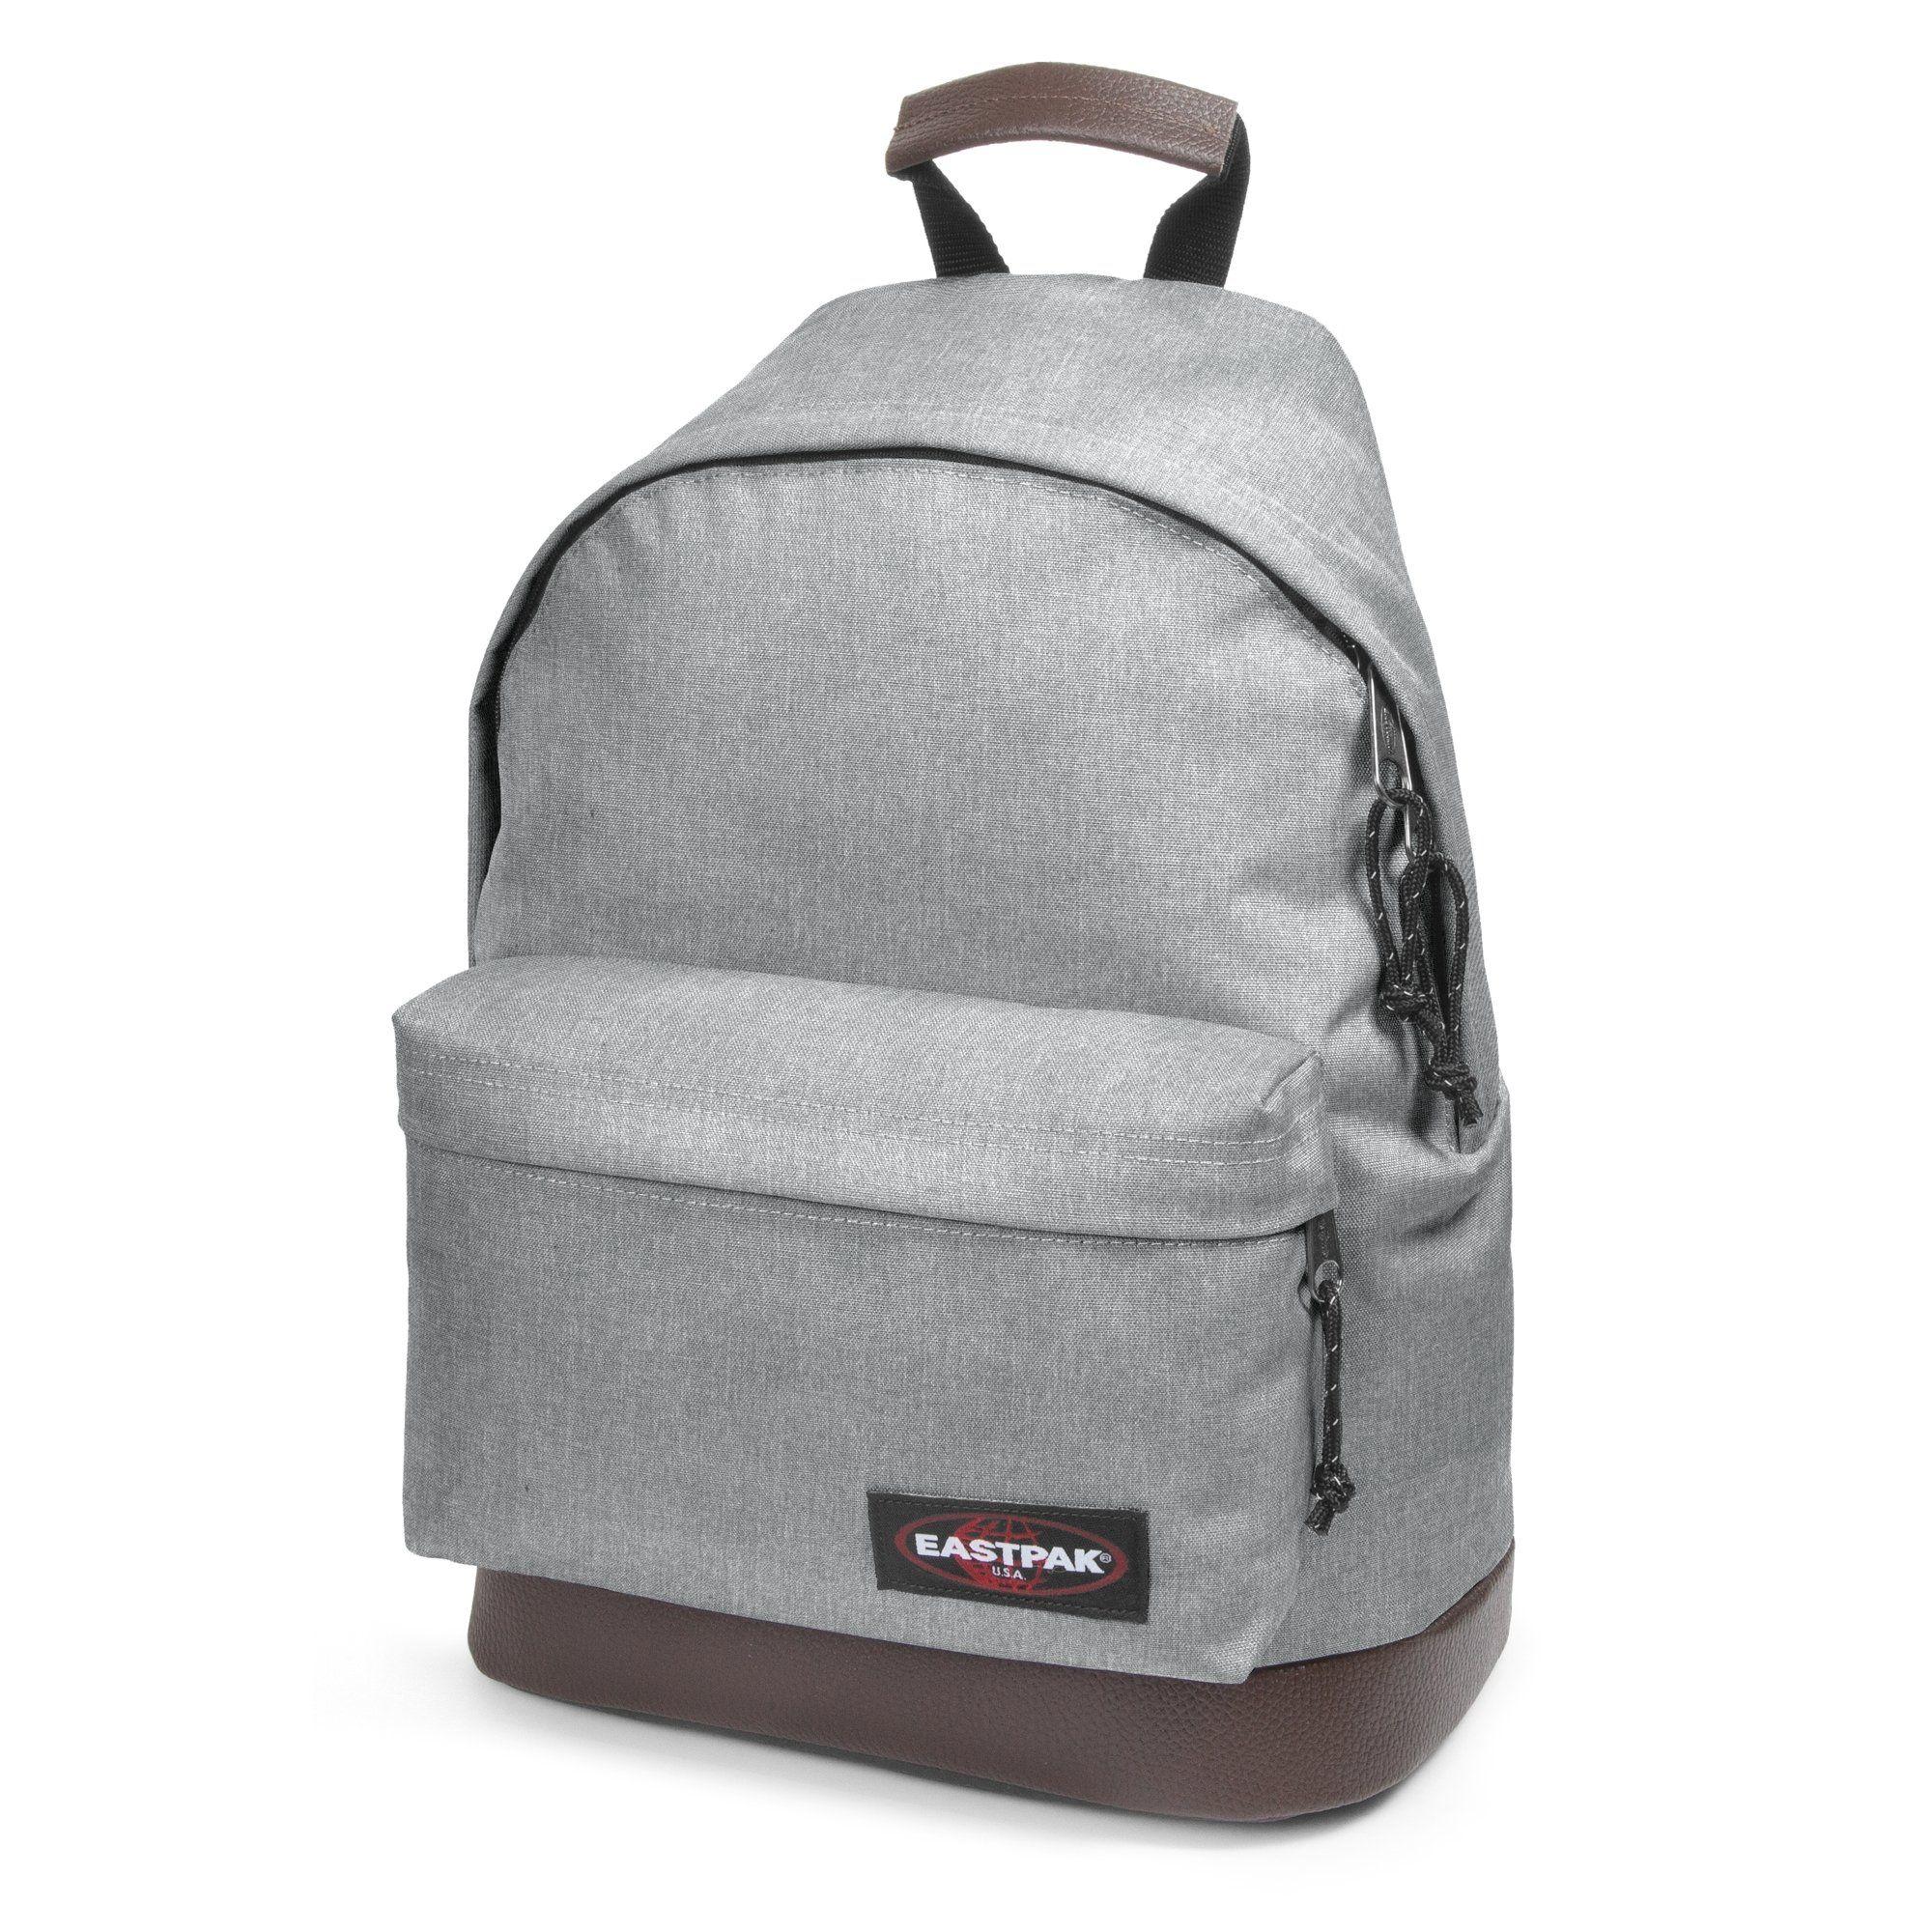 Wyoming ukLuggage Sunday co Eastpak GreyAmazon Unisex Backpack 80wnOPk